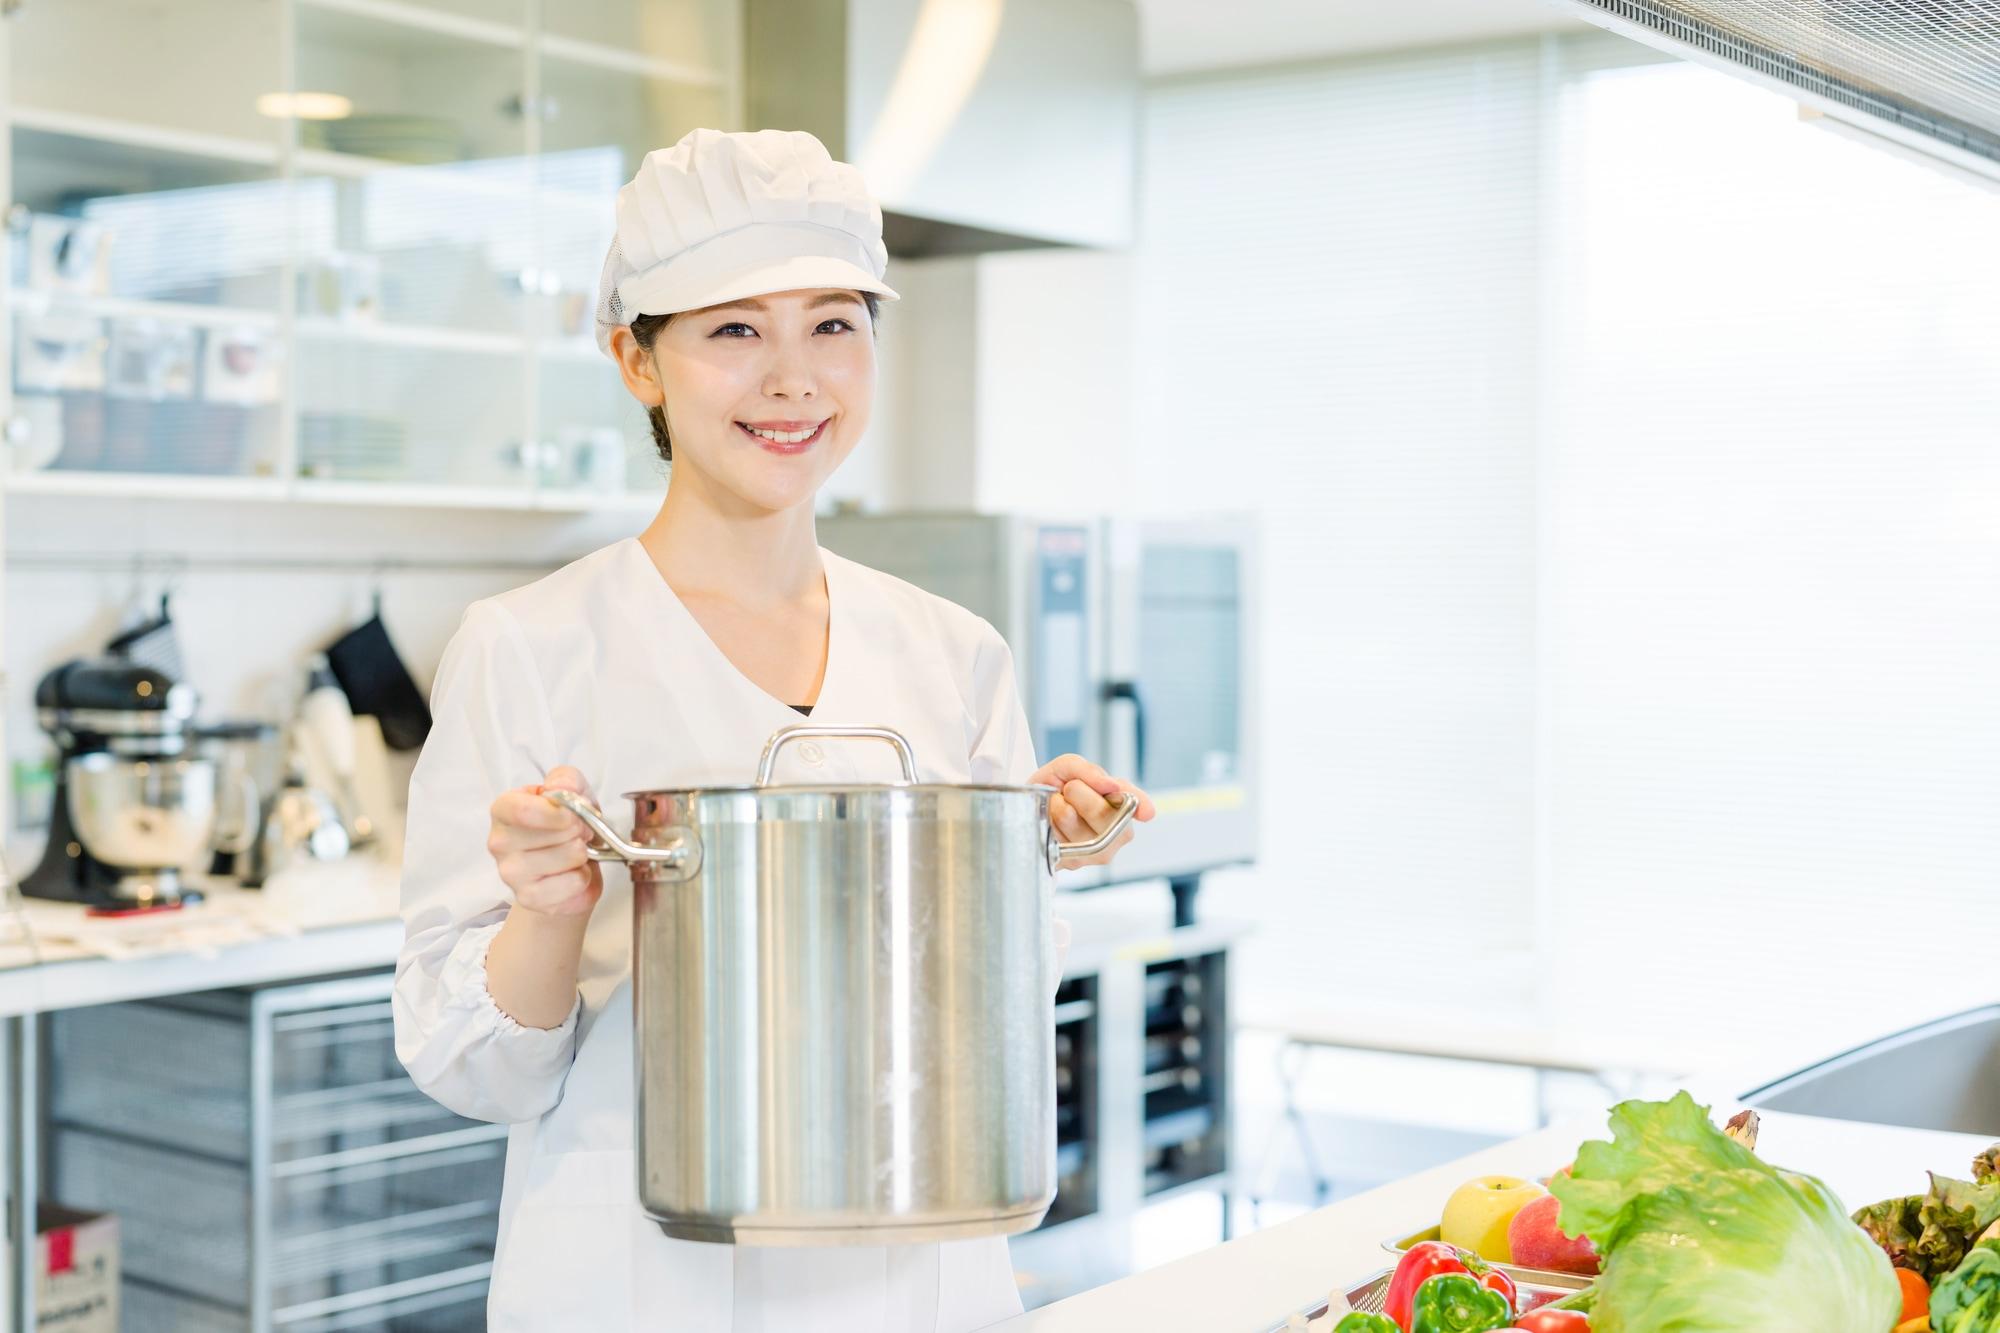 給食センターで必要な厨房機器